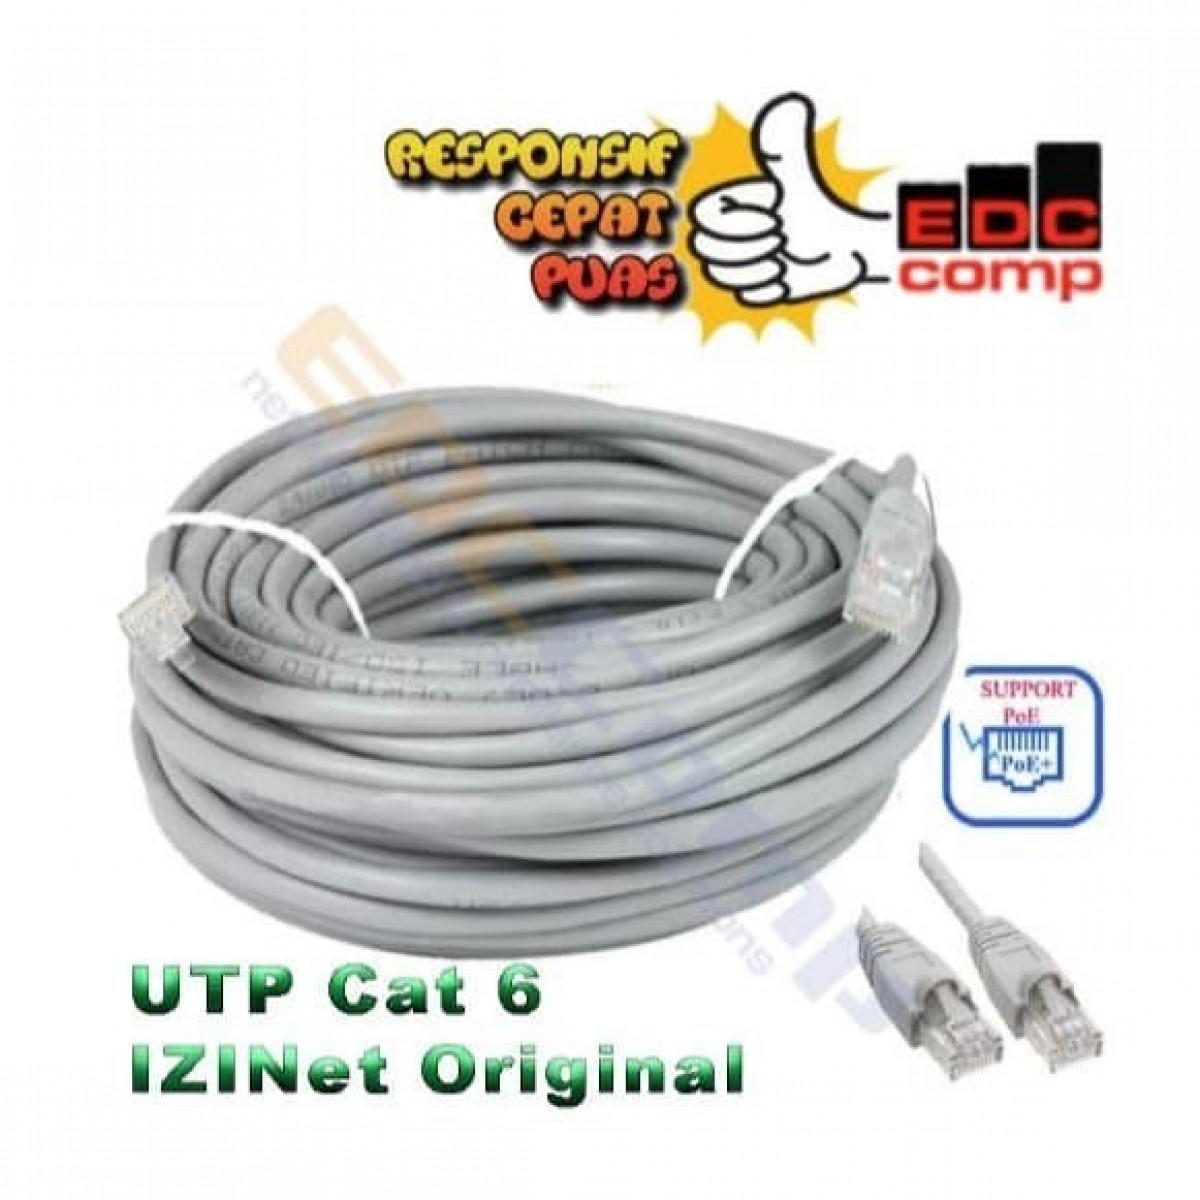 Kabel IZINET UTP Cat6 / Cable Izinet Cat6 100 Meter - EdcComp